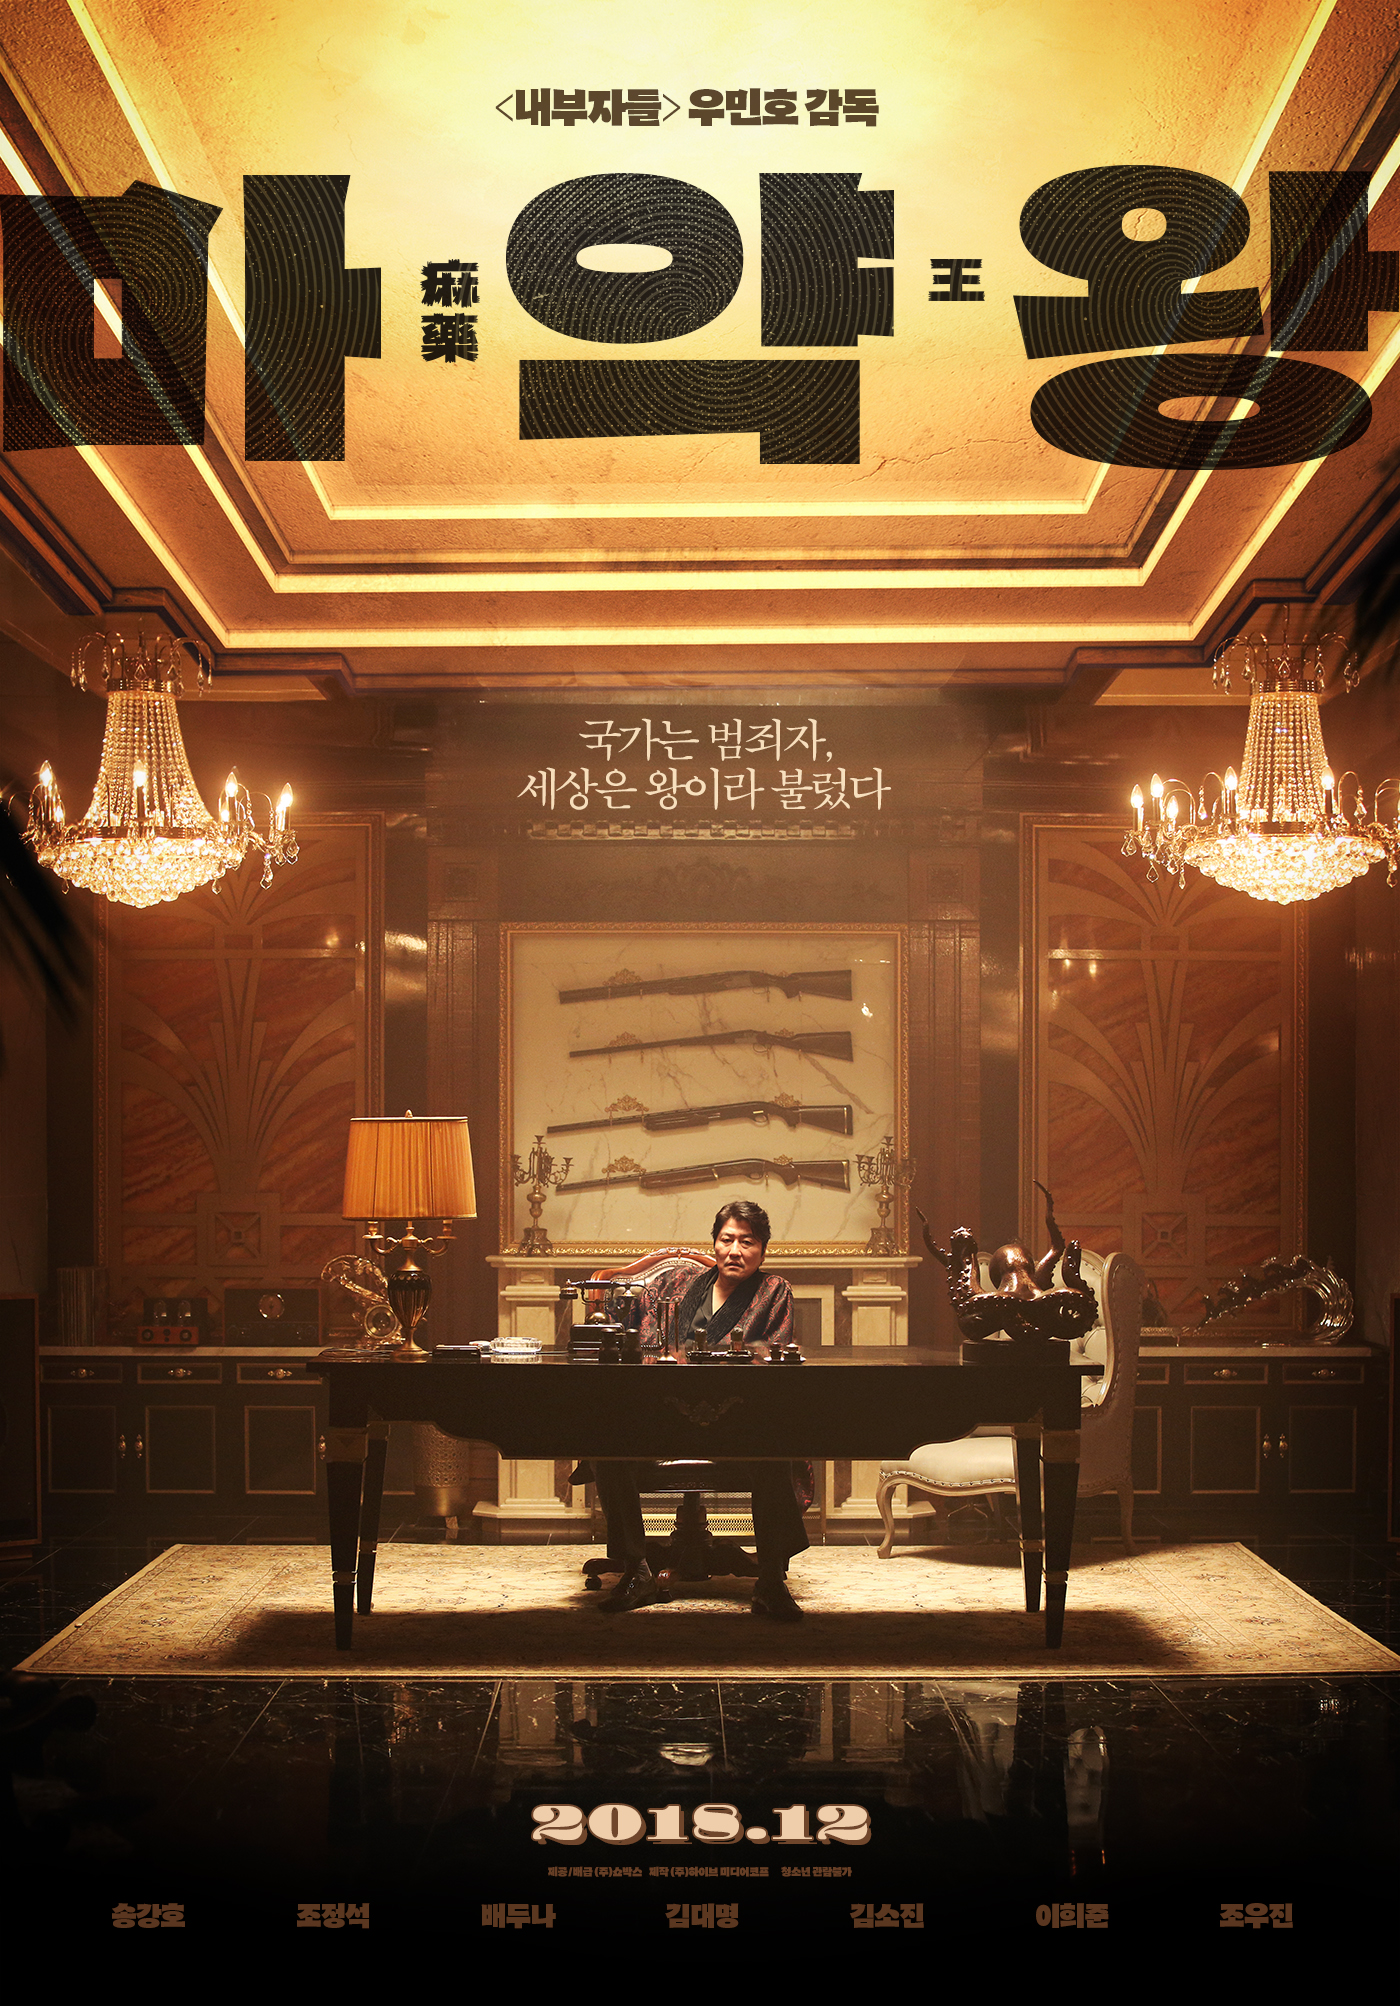 '마약왕' 소문만으로도 기대감 높였던 송강호 주연의 영화, 12월 개봉 확정!